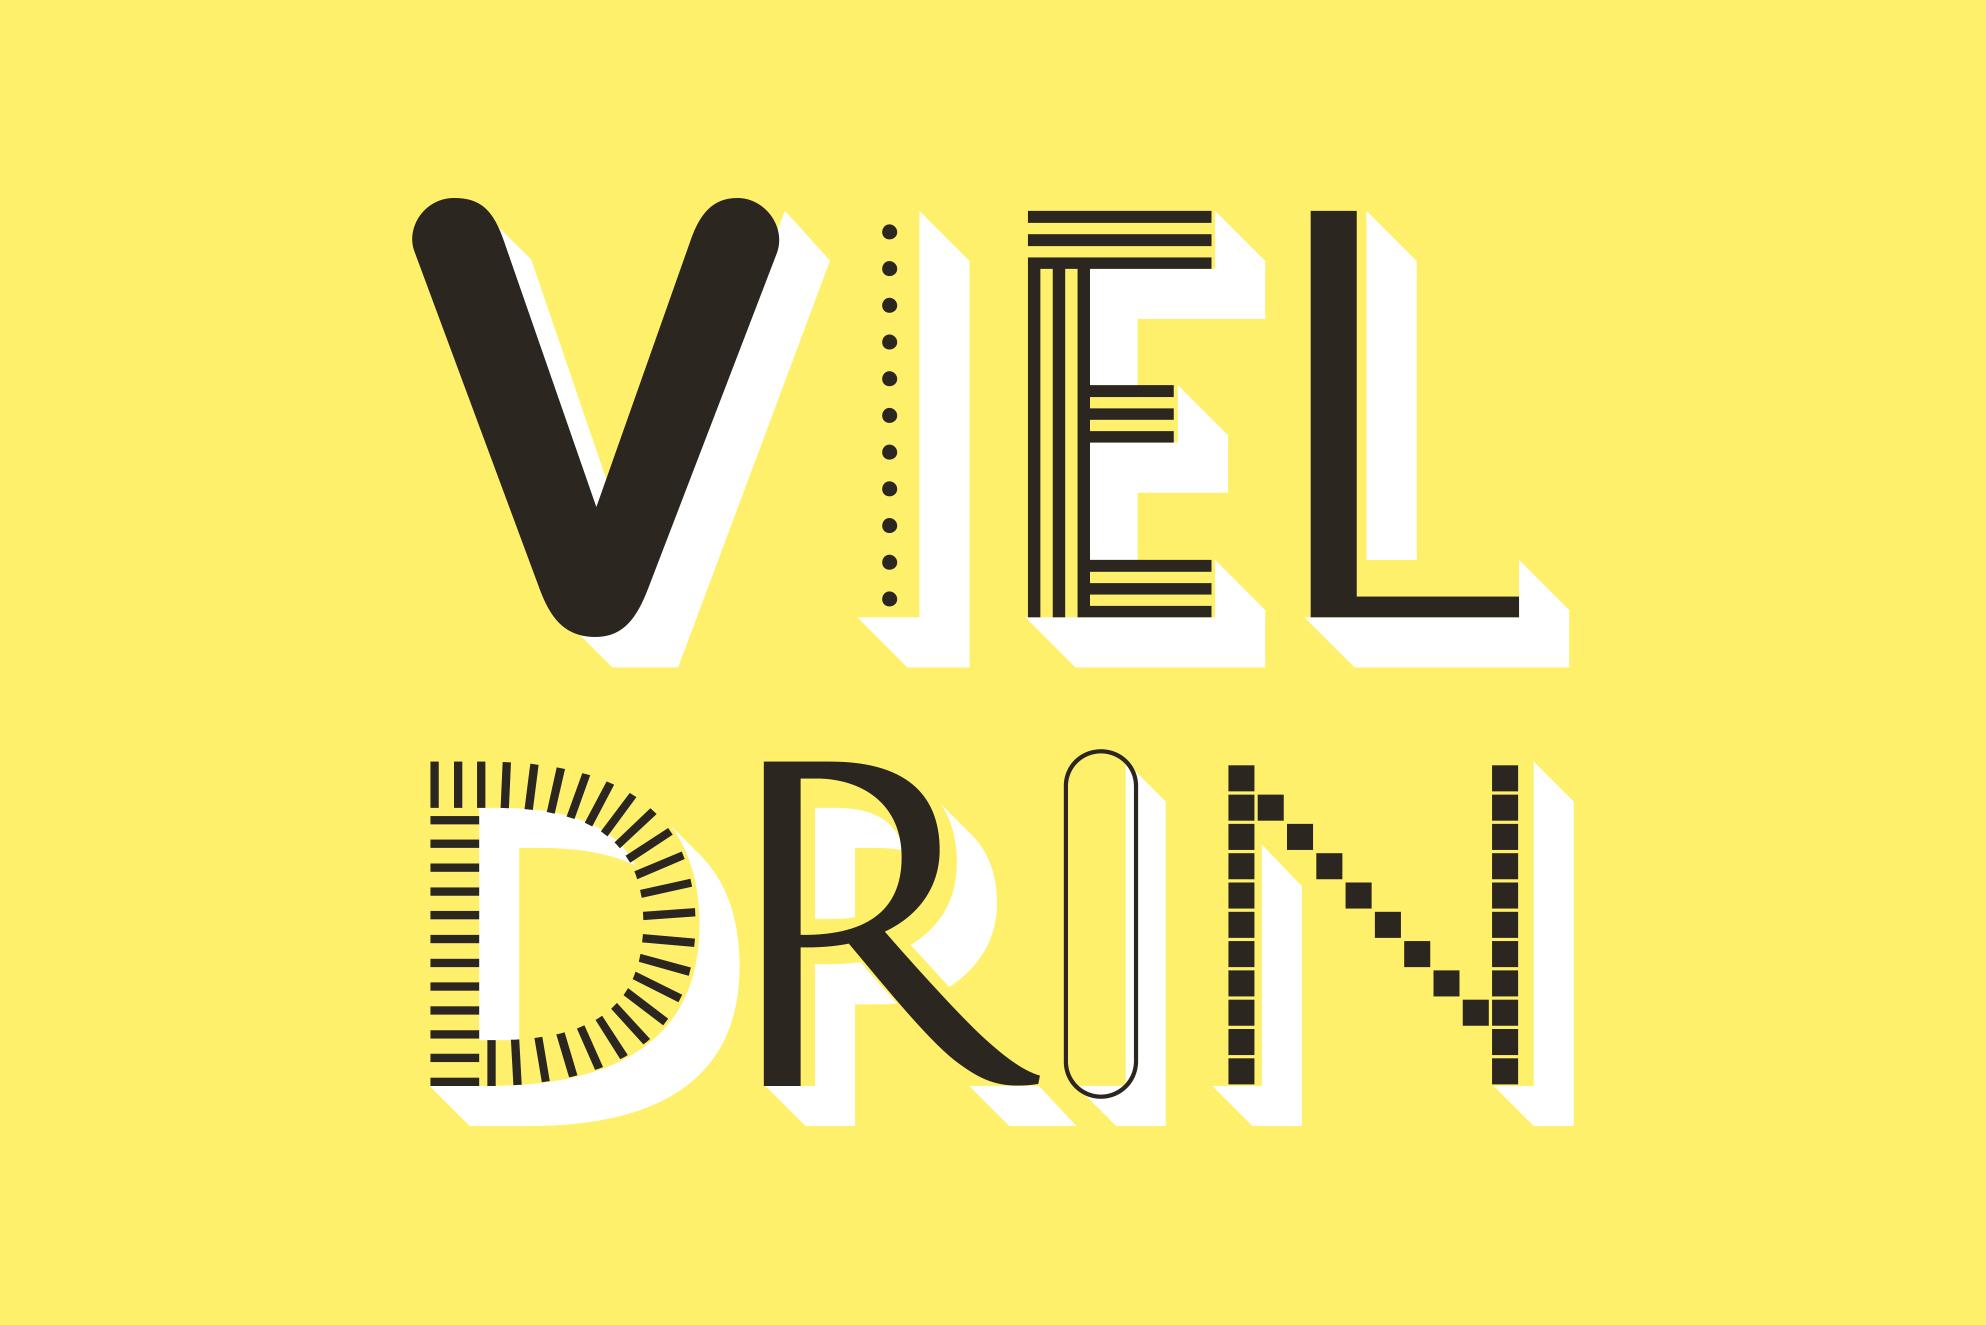 JOL_vieldrin